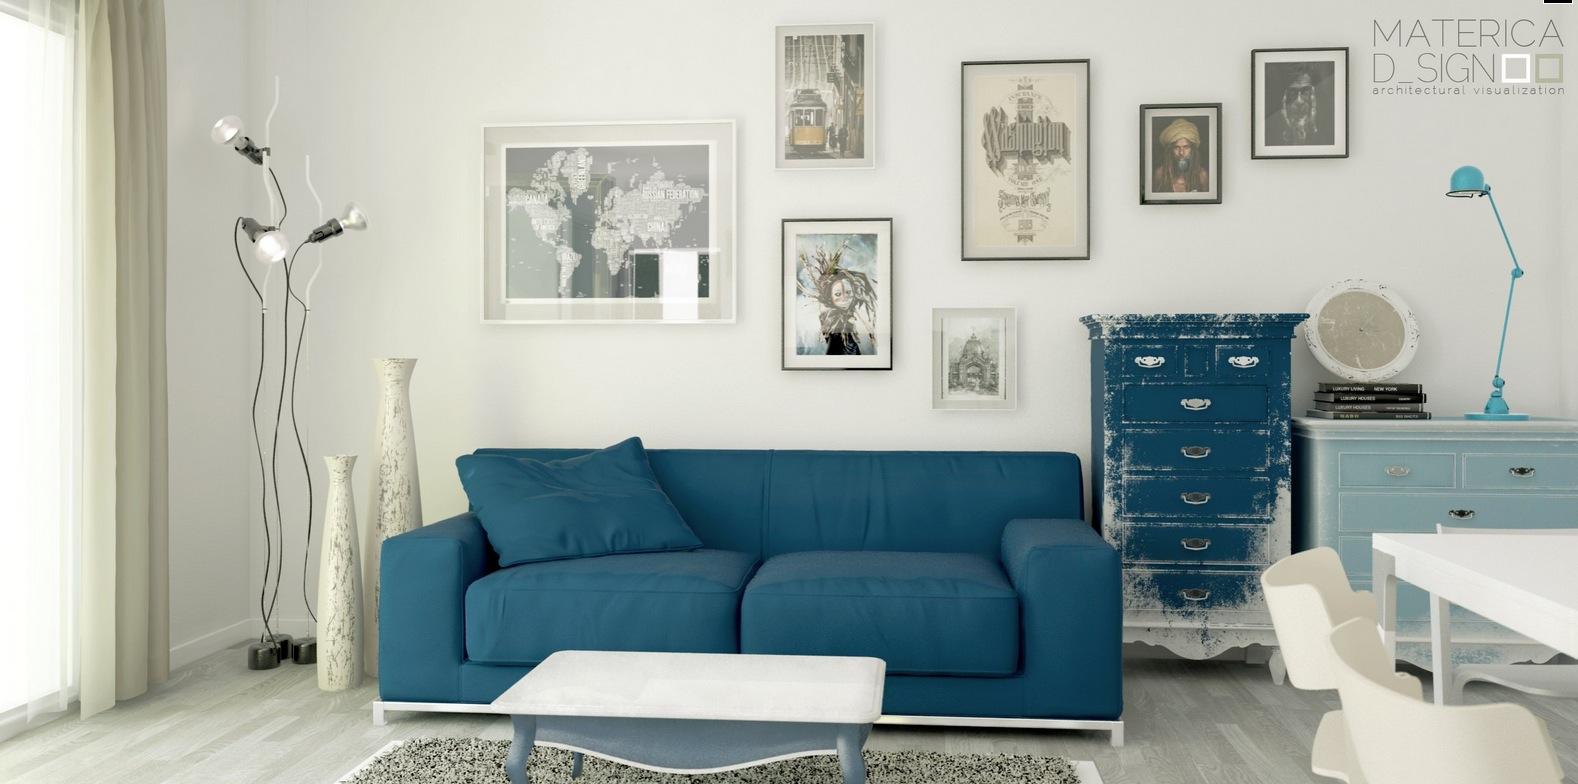 Tremendous Blue Sofa Distressed Dresser Interior Design Ideas Inzonedesignstudio Interior Chair Design Inzonedesignstudiocom